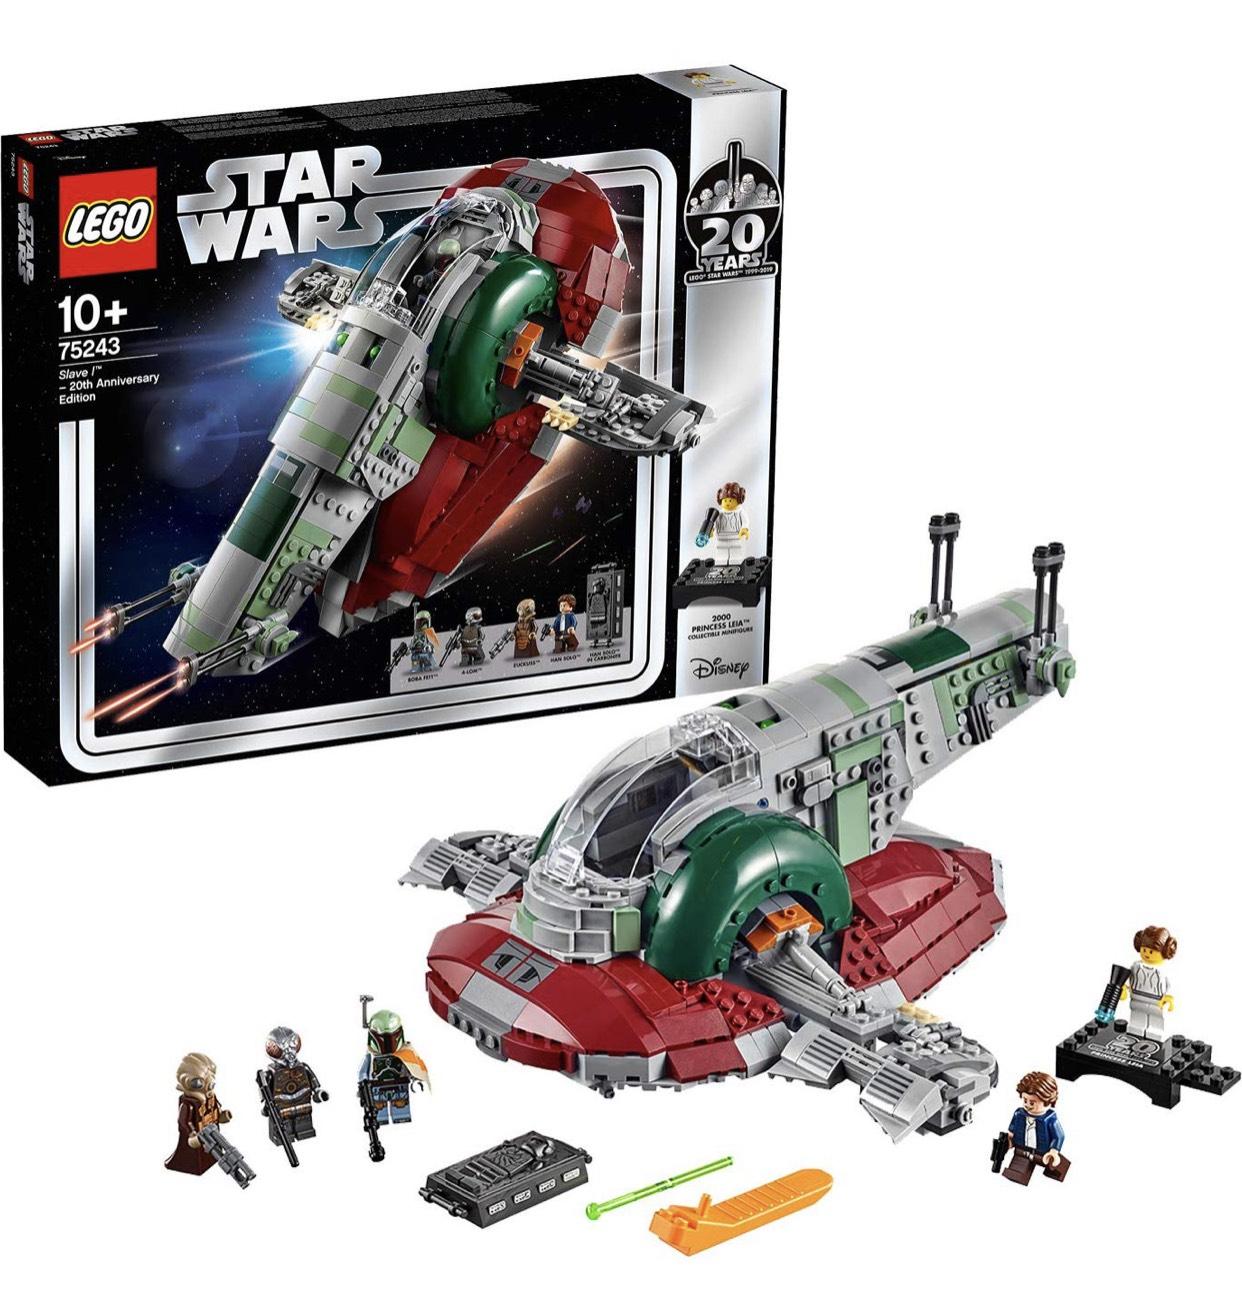 LEGO 75243 Star Wars Slave I - 20th Anniversary Edition £84.04 @ Amazon DE